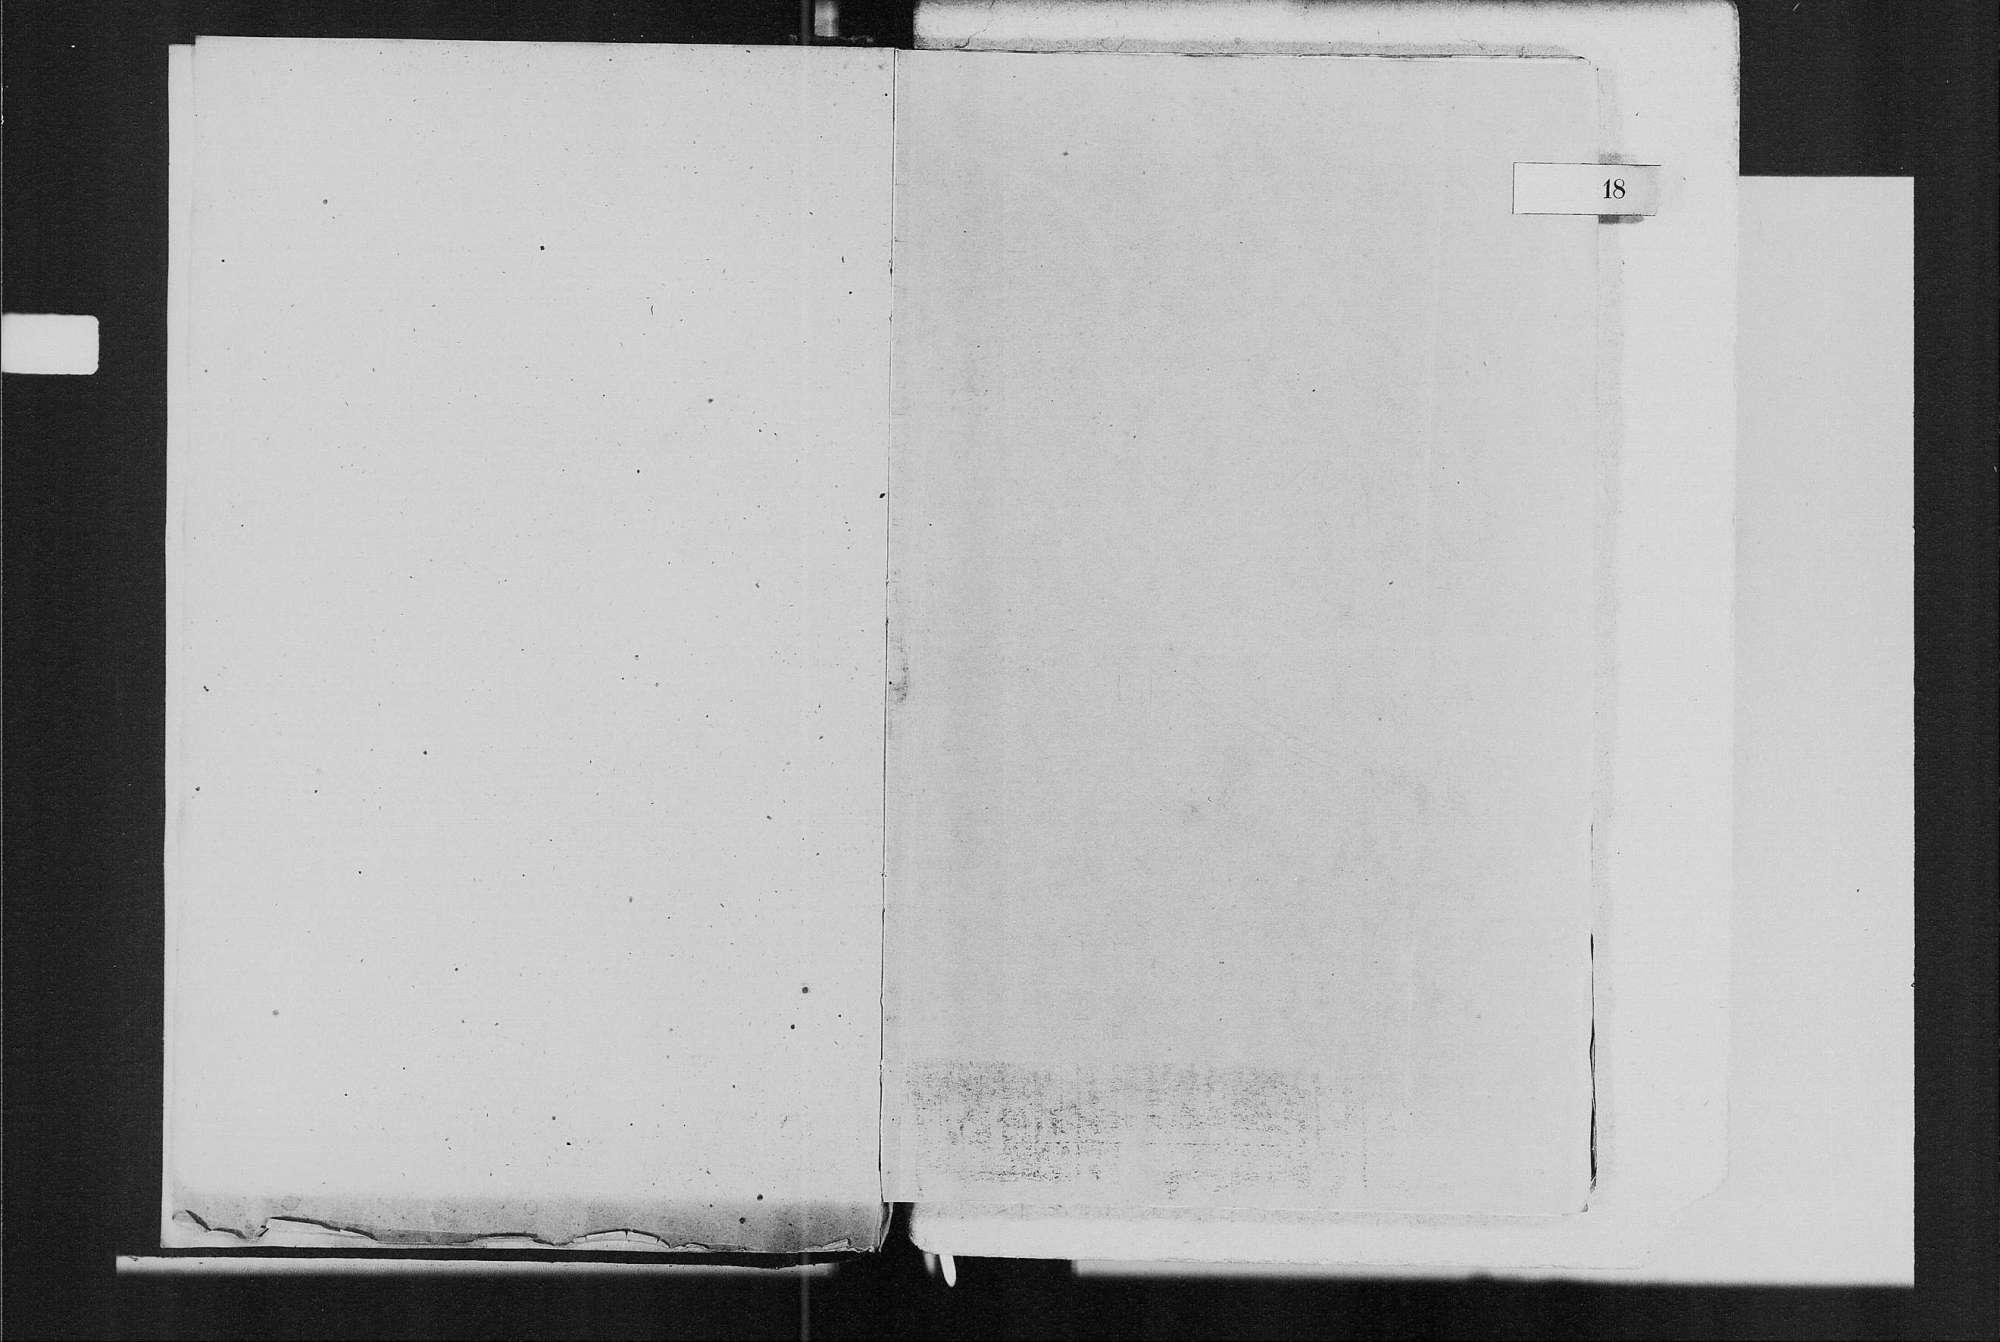 Stollhofen, katholische Gemeinde: Sterbebuch 1809-1870, Bild 3